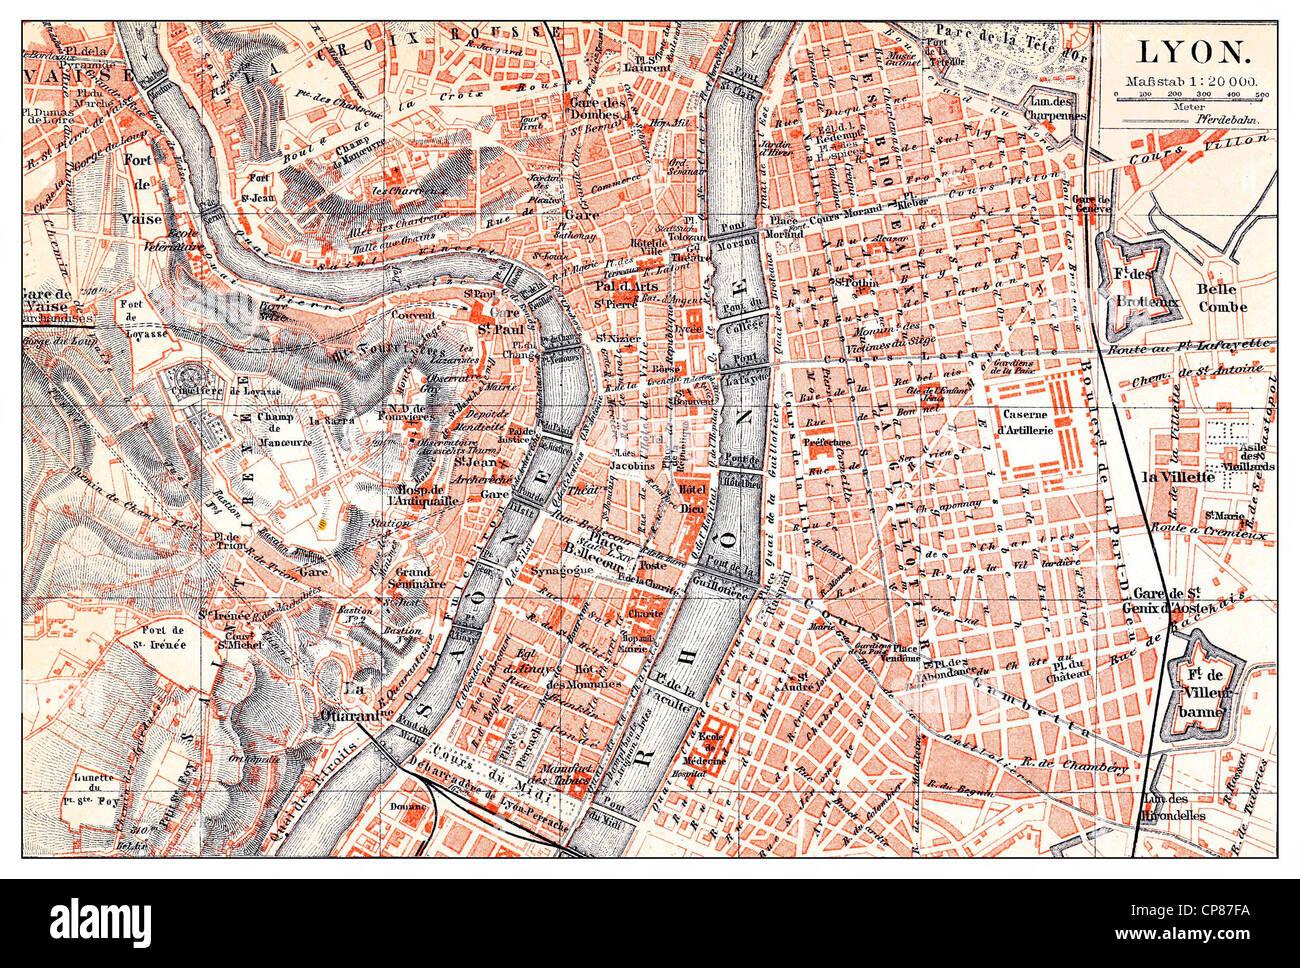 Lyon Karte.Historische Karte Von Lyon Frankreich Historische